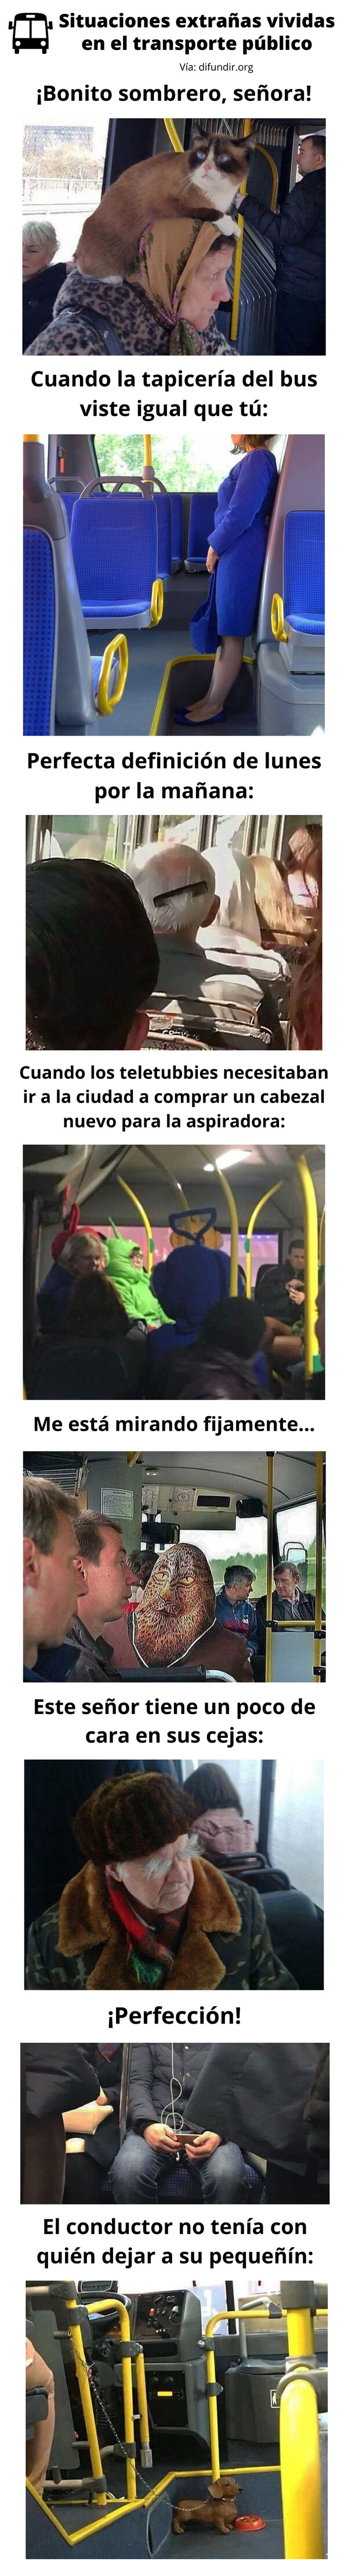 Meme_otros - Situaciones extrañas vividas en el transporte público